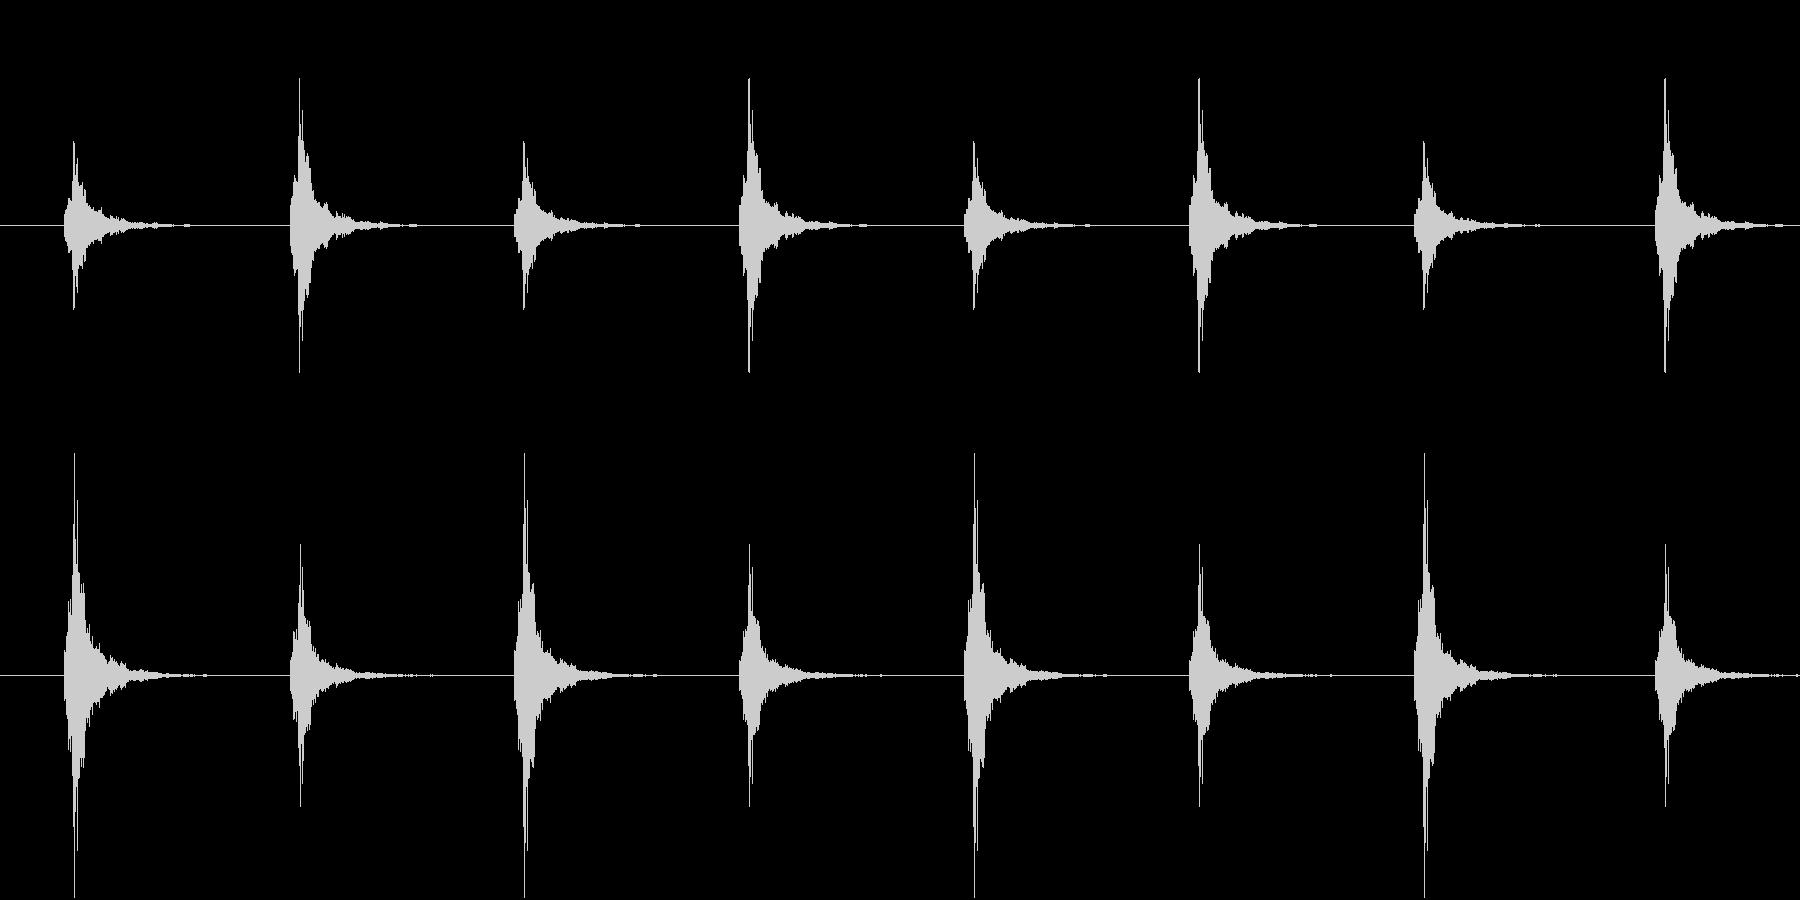 鈴が左右で鳴る(和風ホラー・ループ可能)の未再生の波形